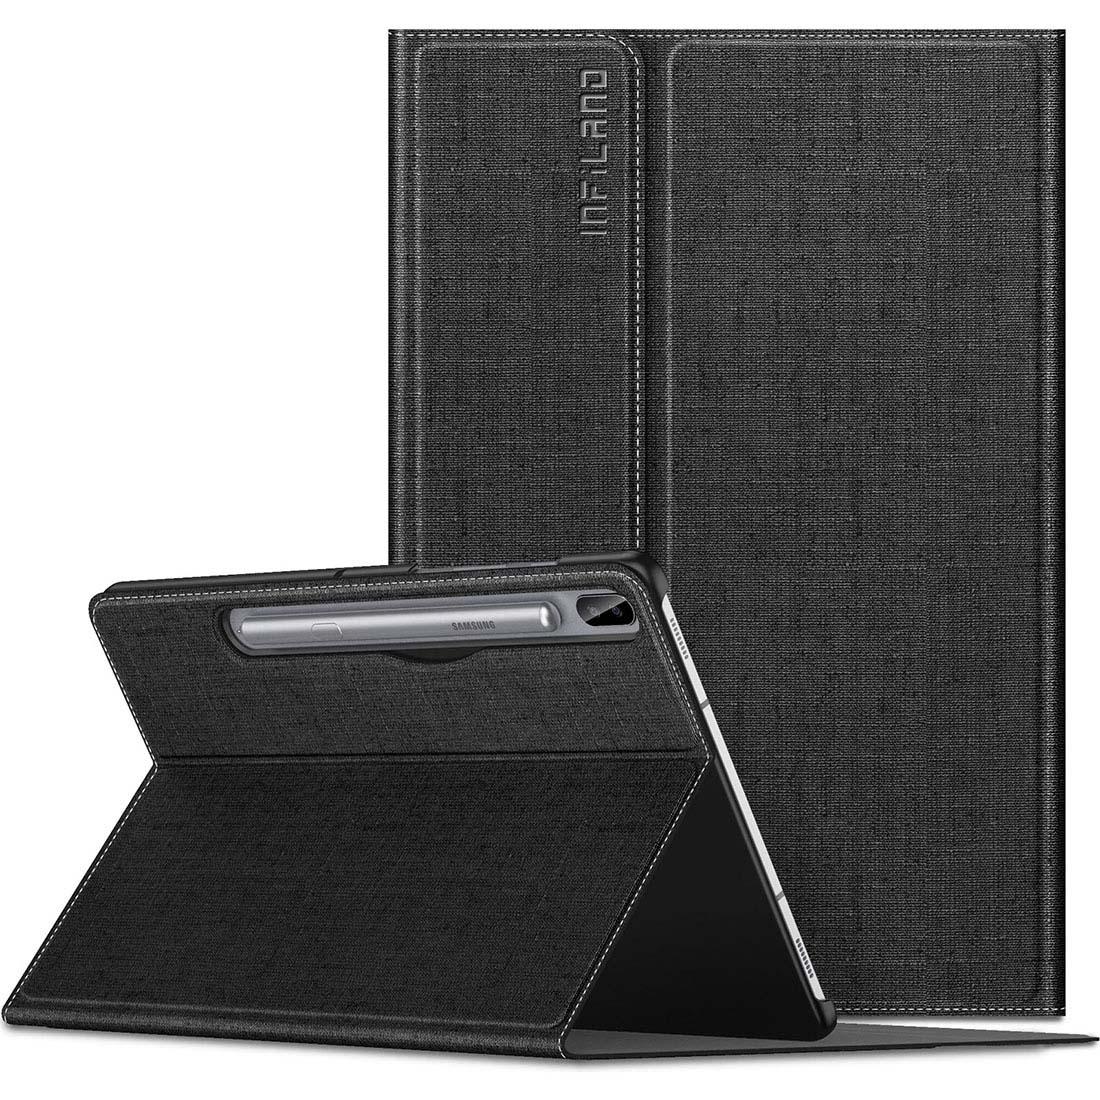 Capa Premium Classic Series Com Fino Acabamento Para Samsung Galaxy Tab S6 10.5 pol SM-T860 SM-T865